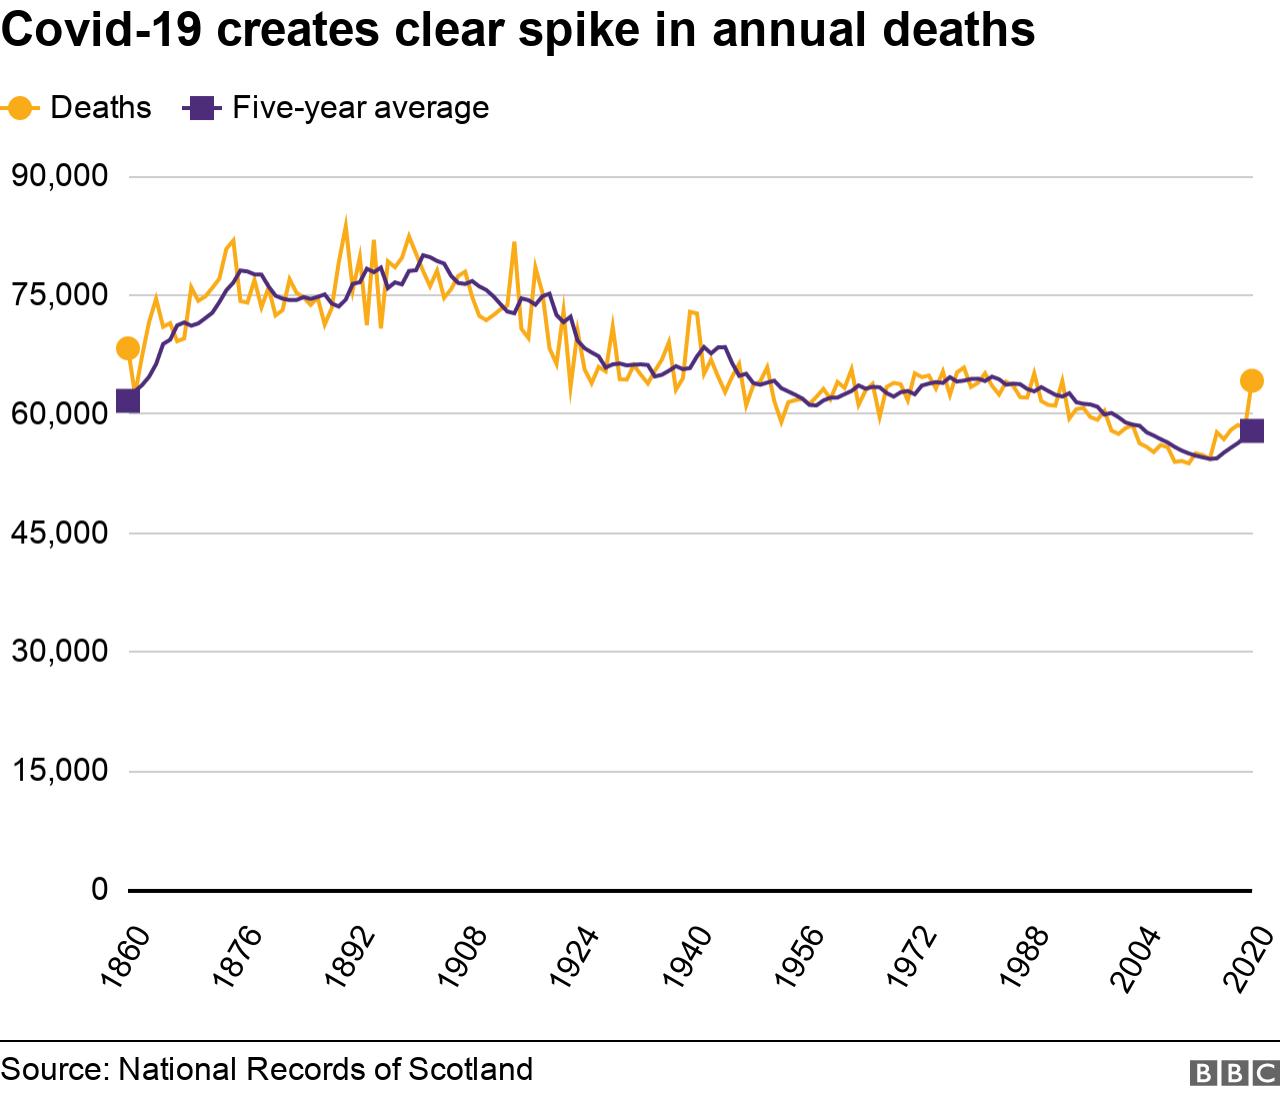 Total annual deaths